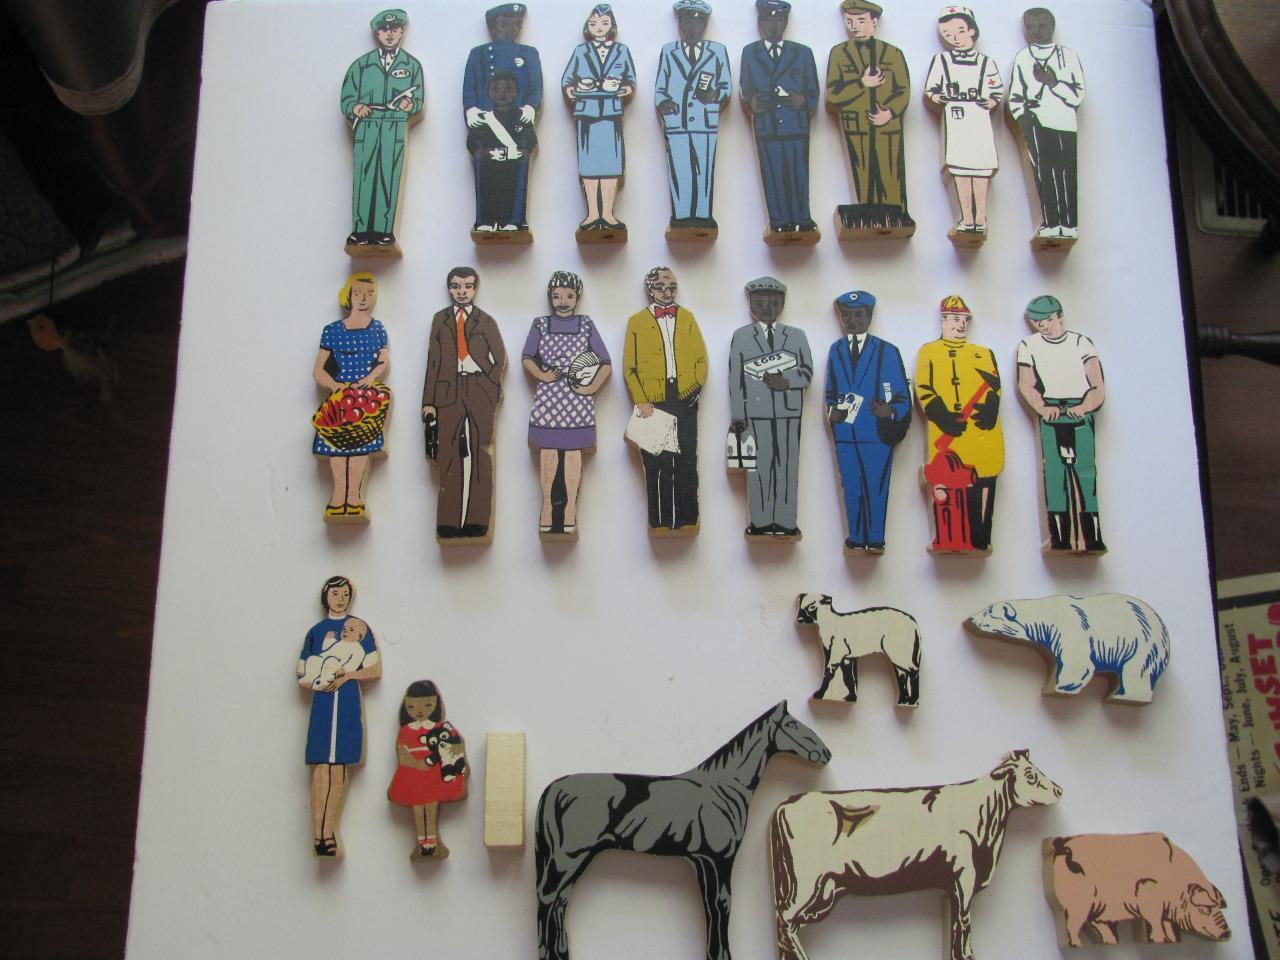 23 figuras vintage de Guidecraft Standable bloque de madera animales personas multicultural